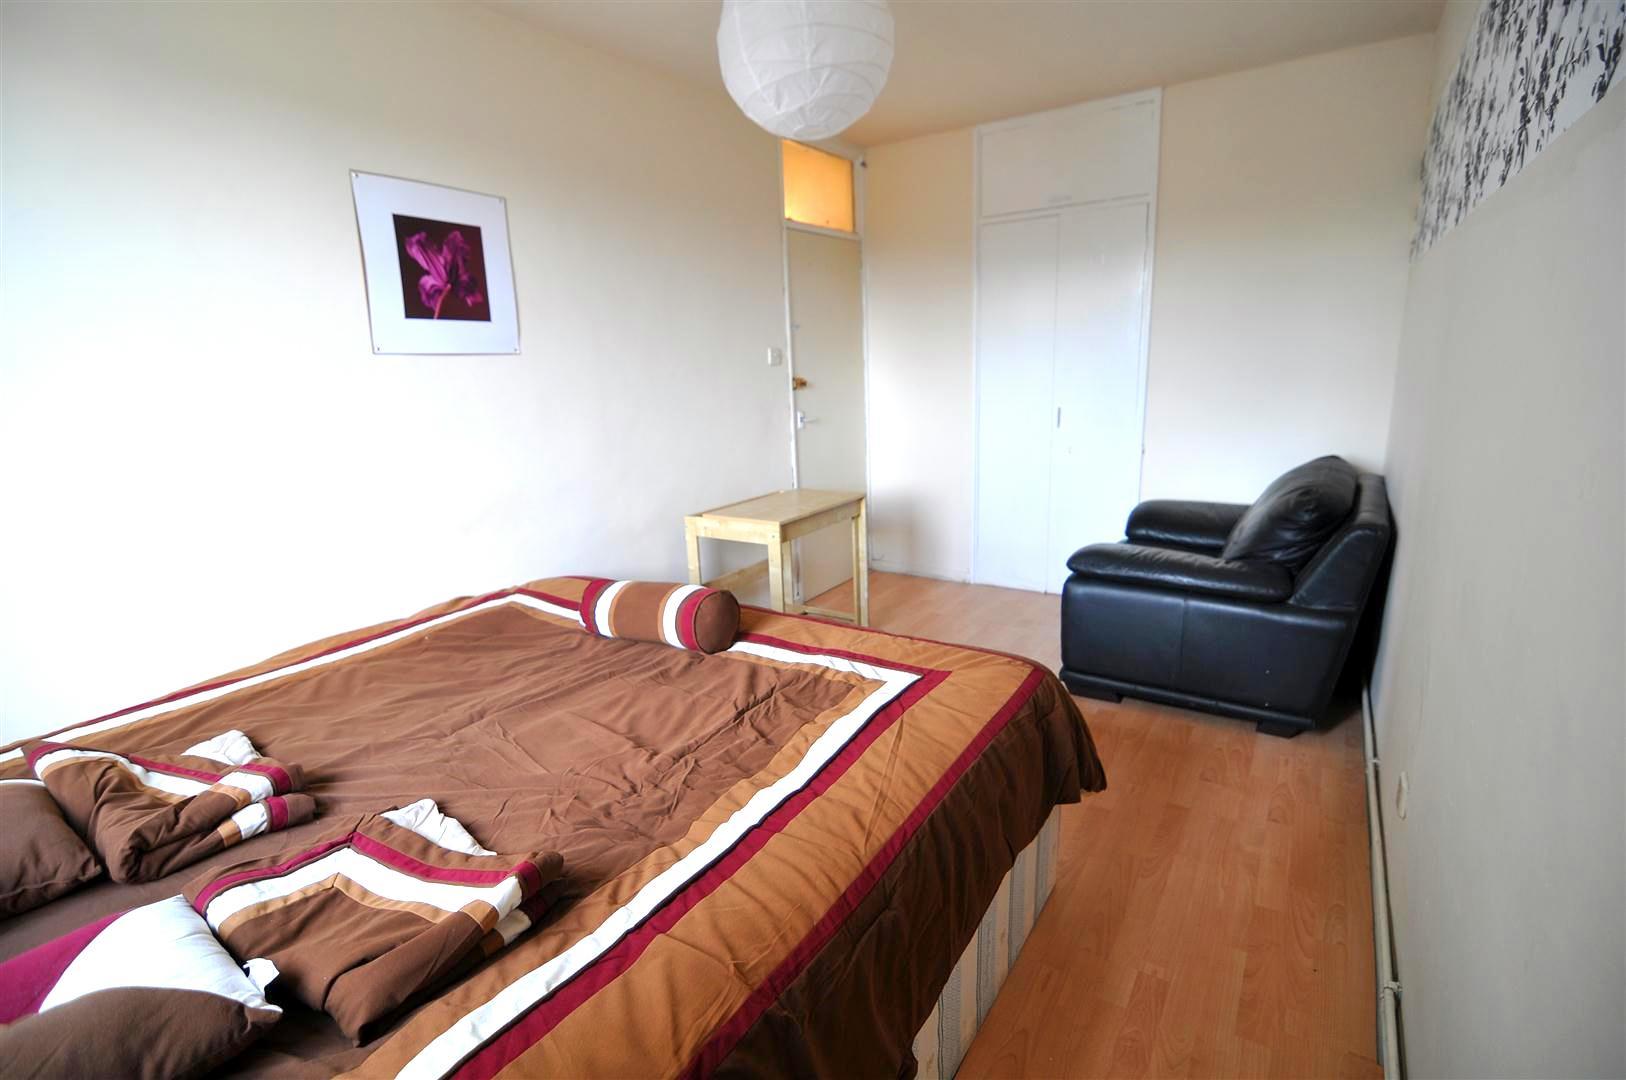 Habitaciones individuales y dobles en alquiler en el este for Alquiler de habitaciones individuales